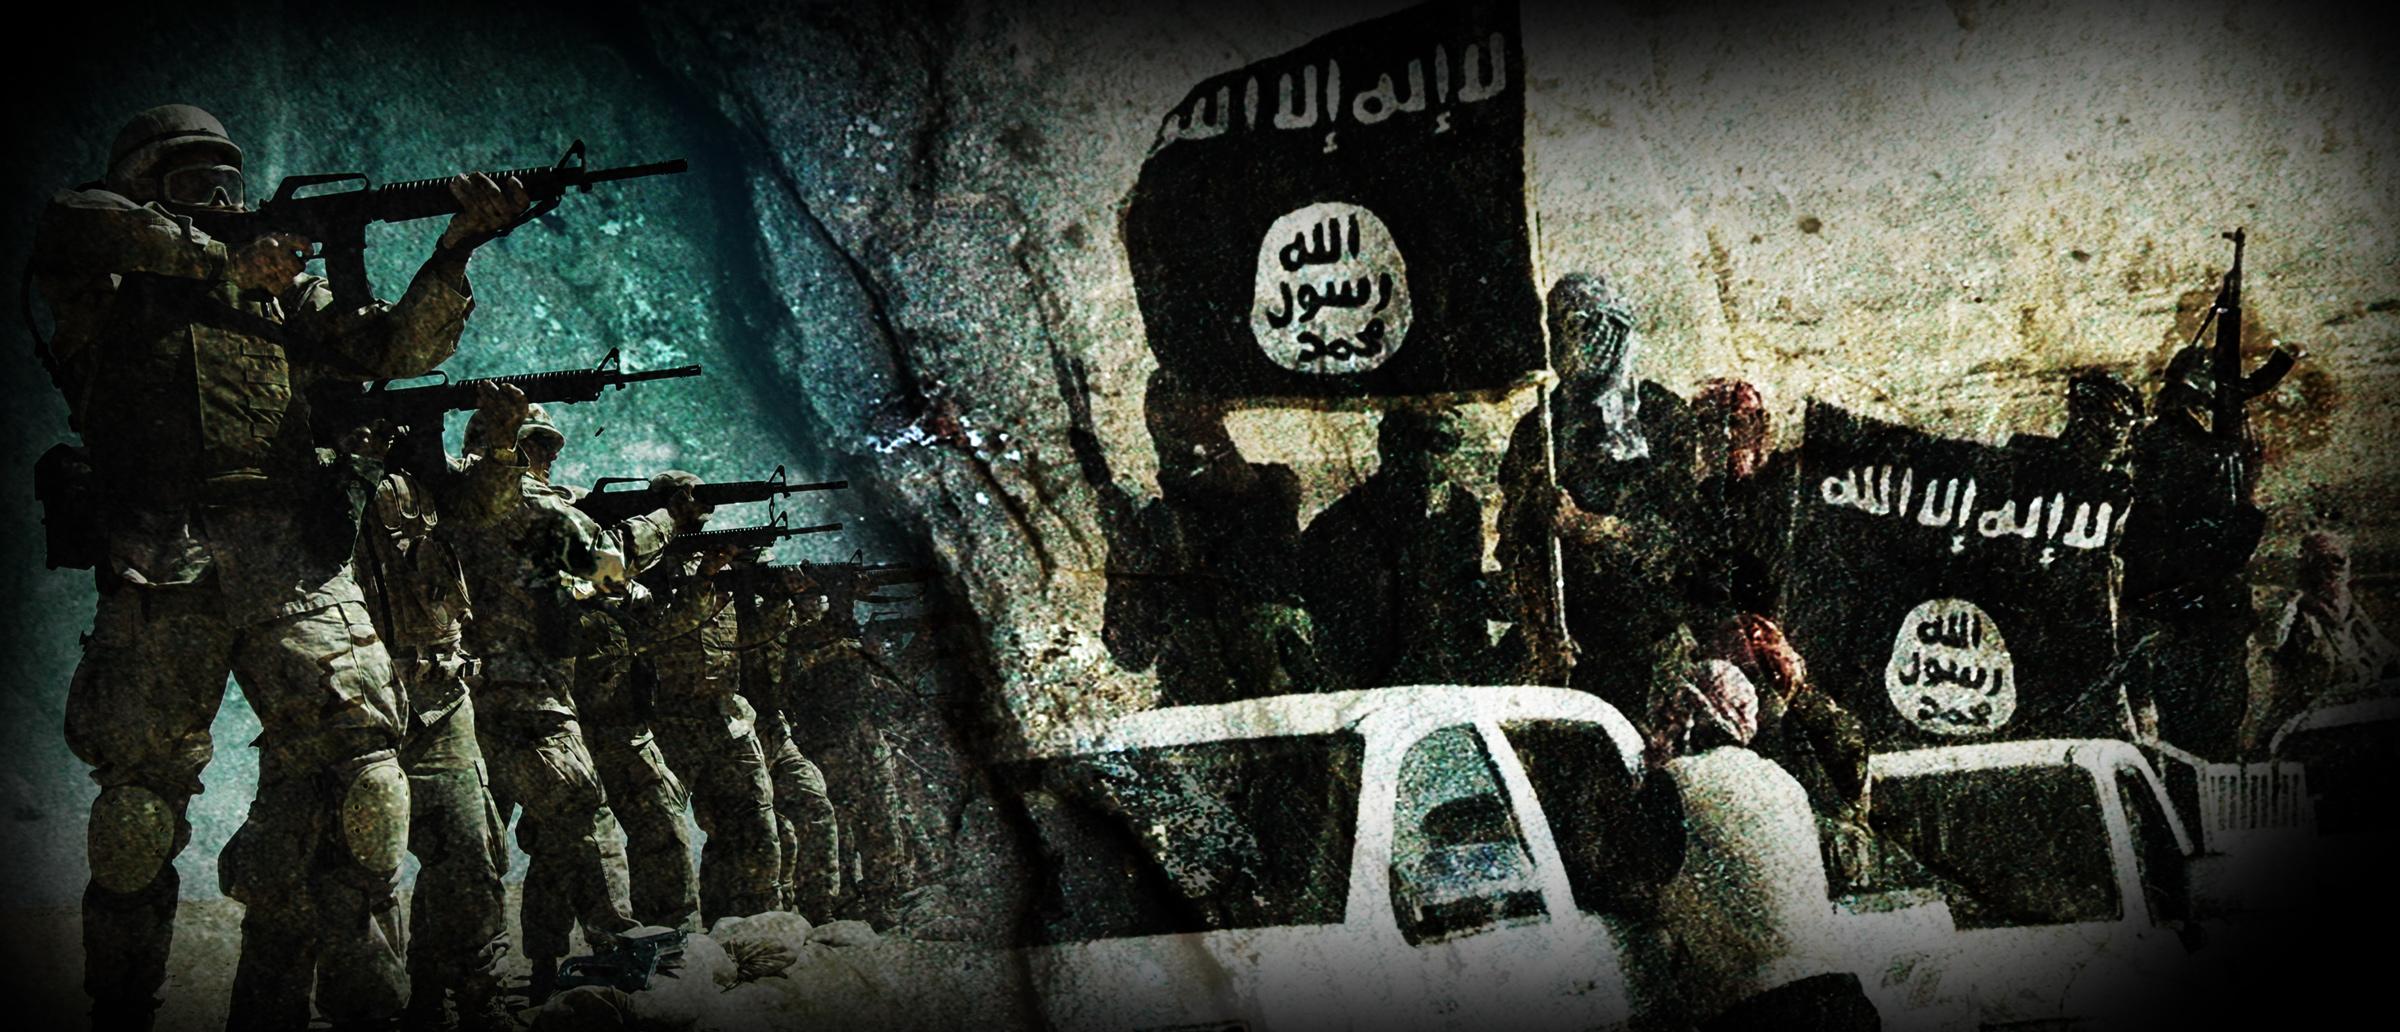 Terror und der Spalt in meinem Kopf <br>  <span id='sec-title'>Unsere Doppelstandards an den islamistischen Terror und den Staatsterror des Westens</span>